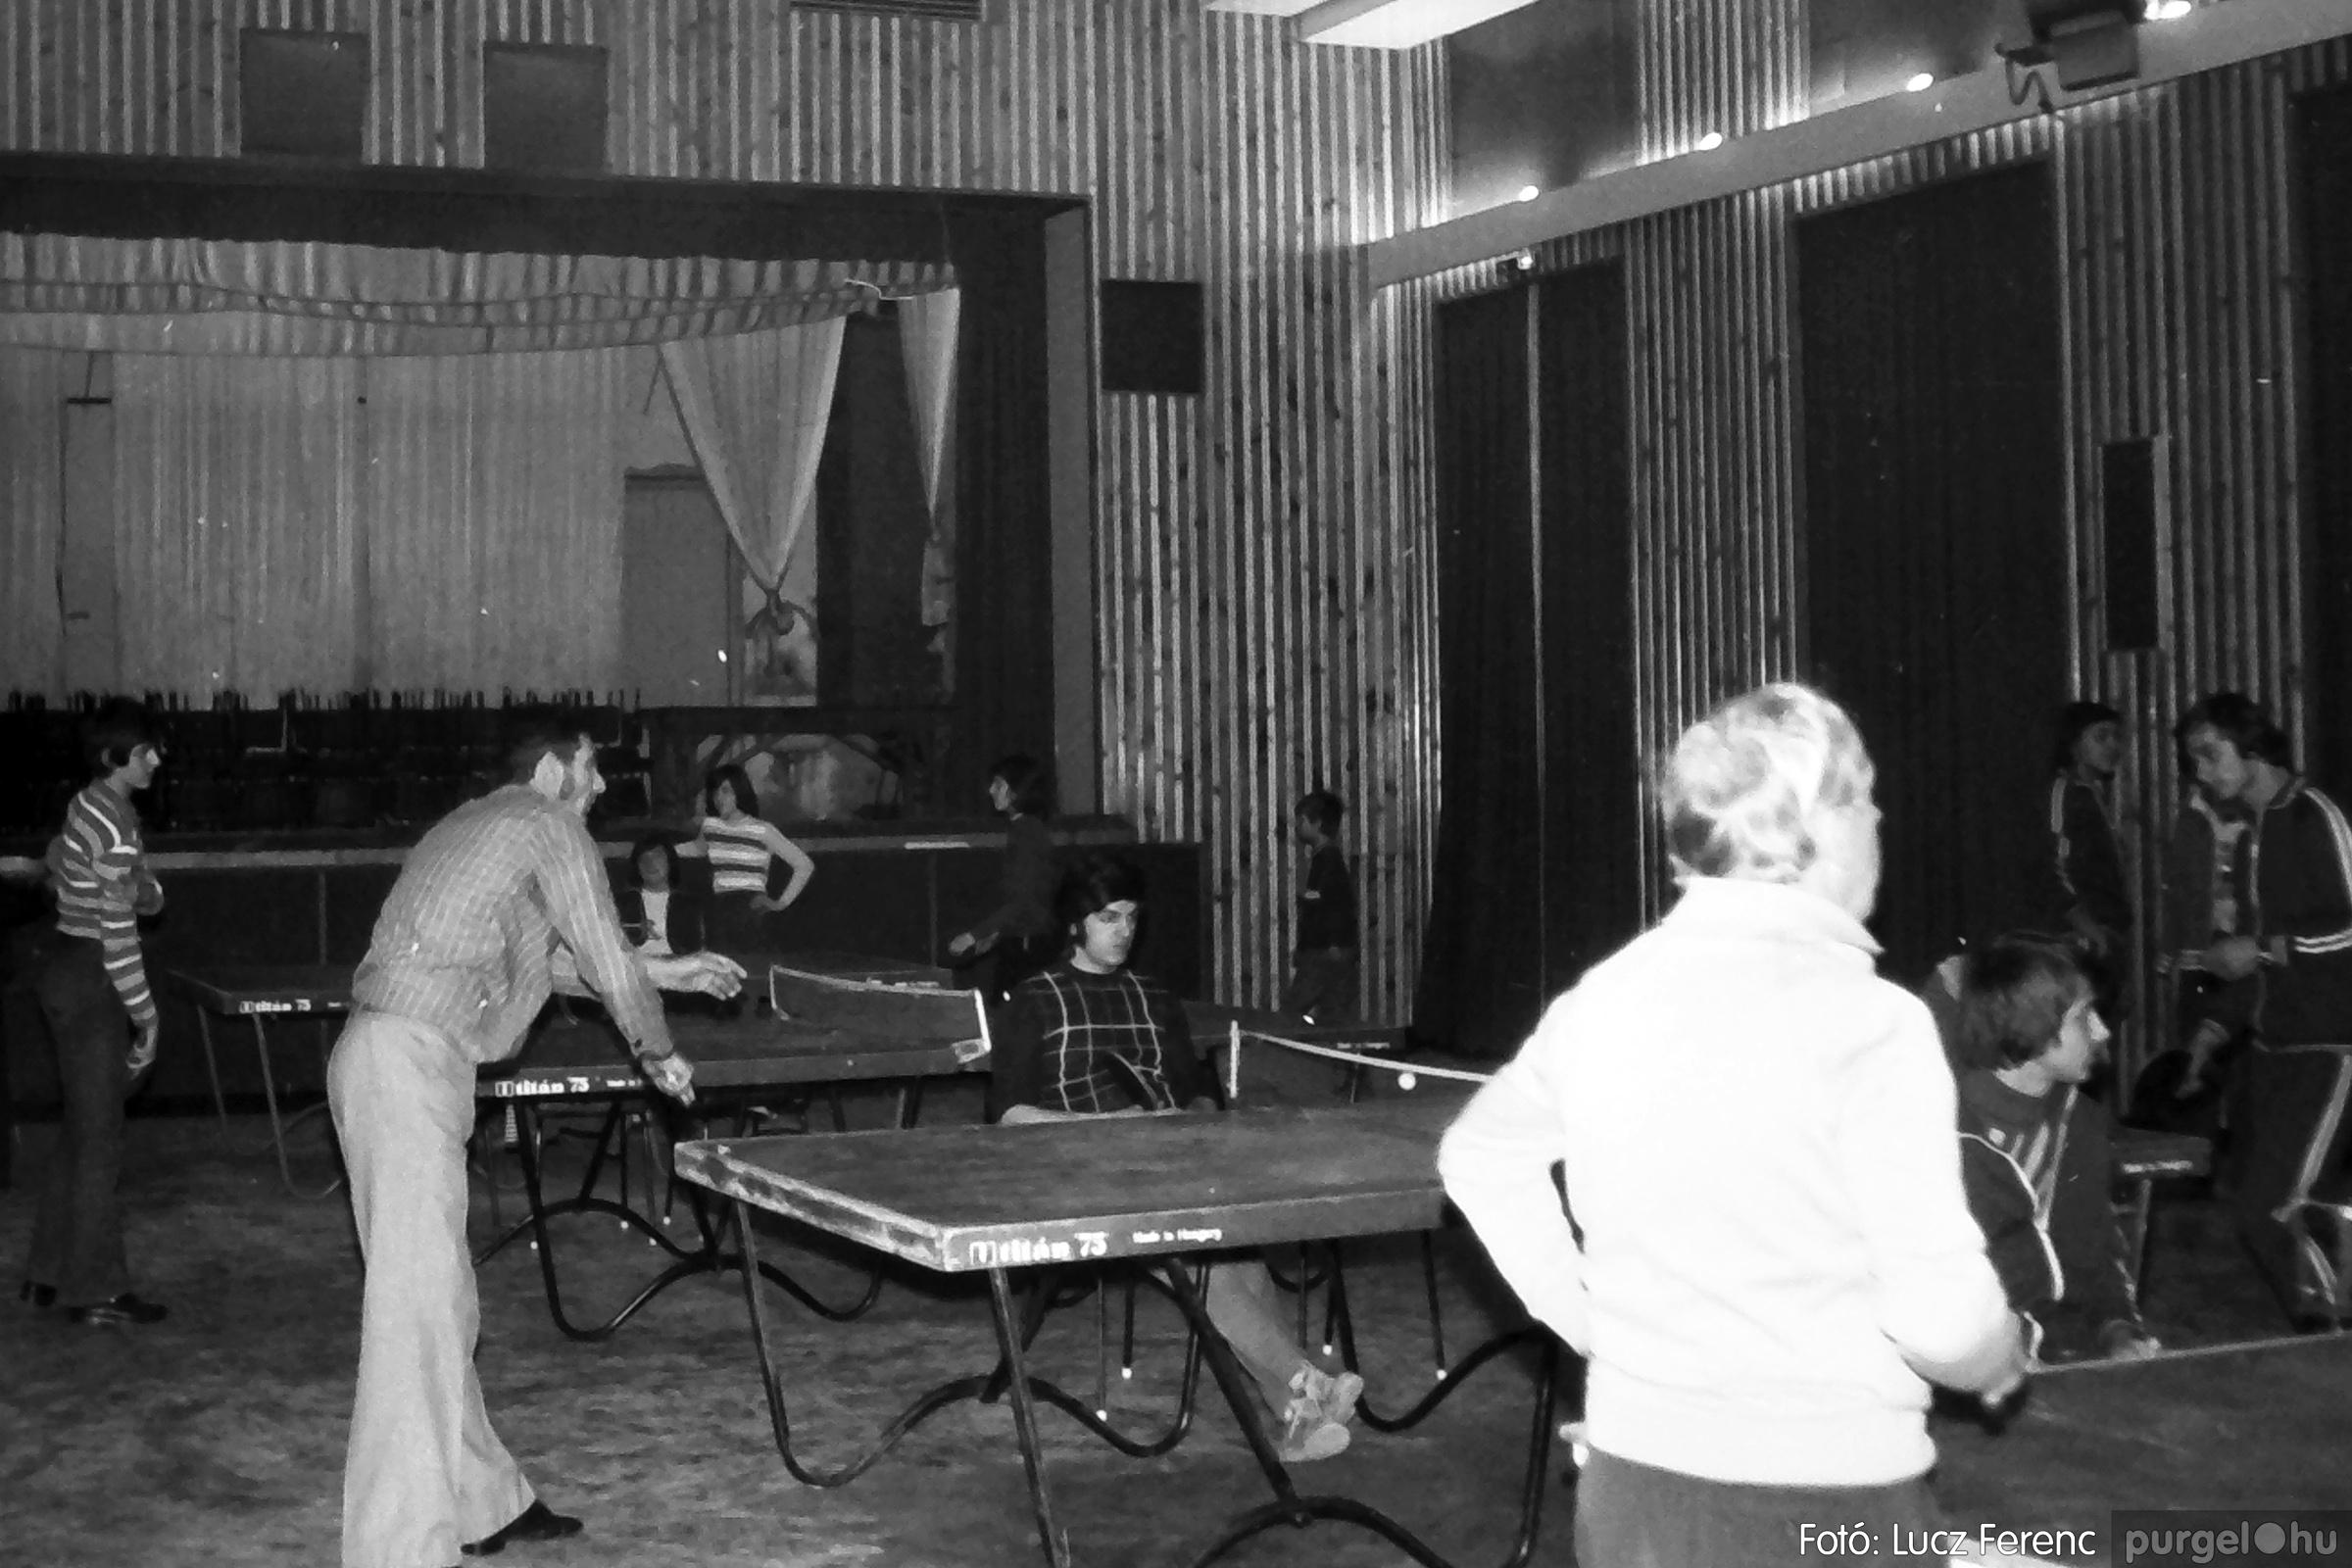 073. 1977. Asztaltenisz verseny 001. - Fotó: Lucz Ferenc.jpg